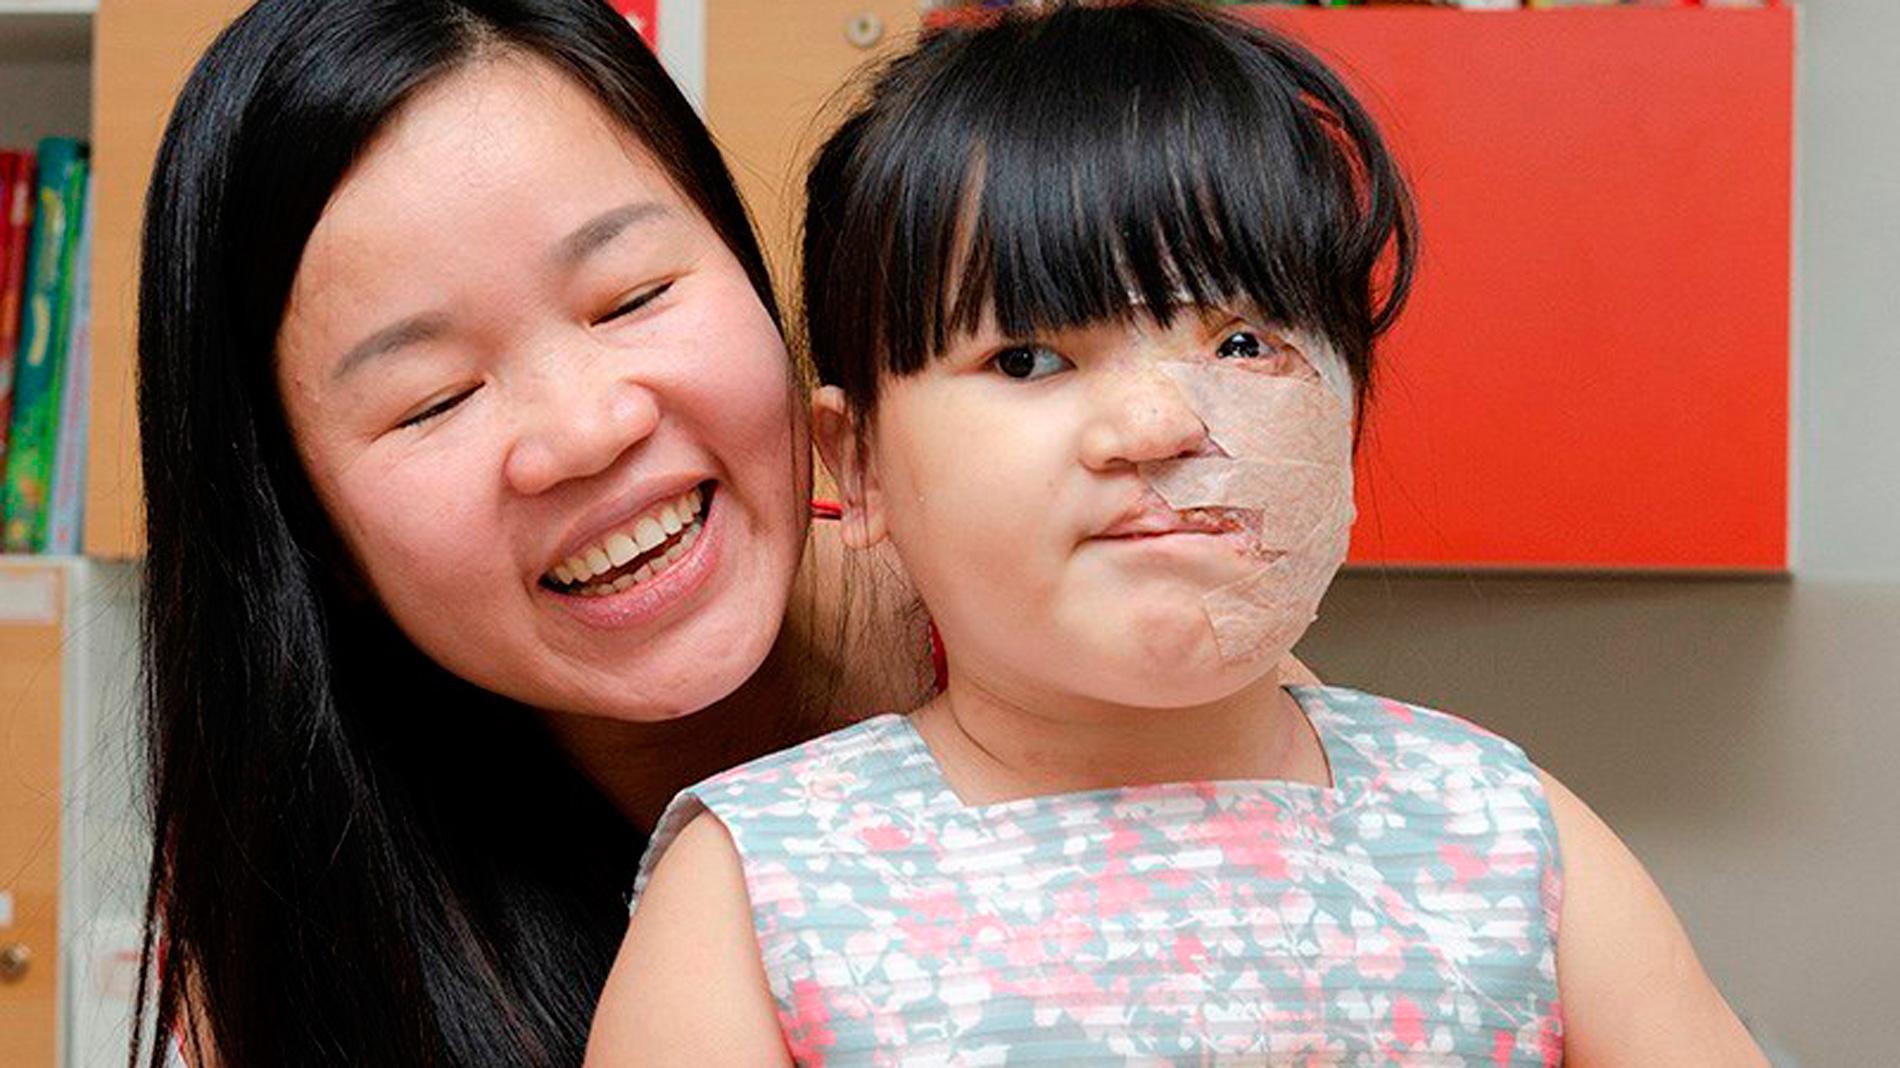 Un equipo del Gregorio Marañón devuelve el rostro a una niña vietnamita que sufría un tumor gigante